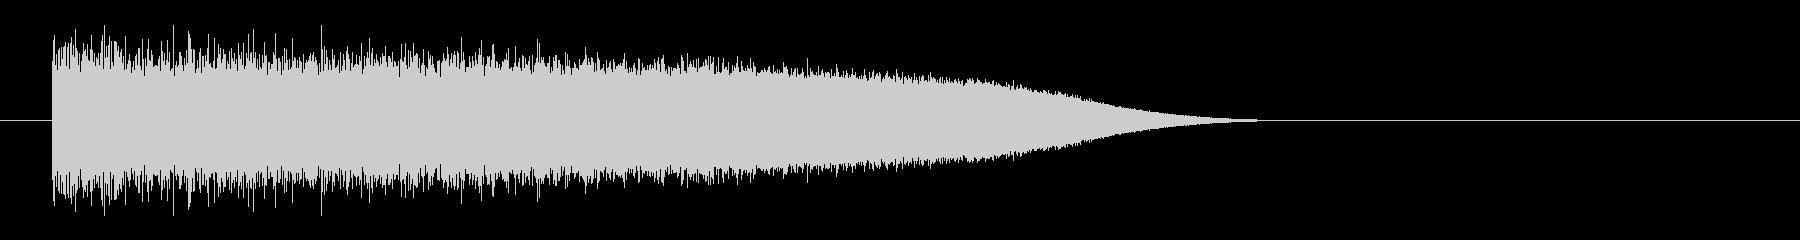 レーザー音-84-3の未再生の波形